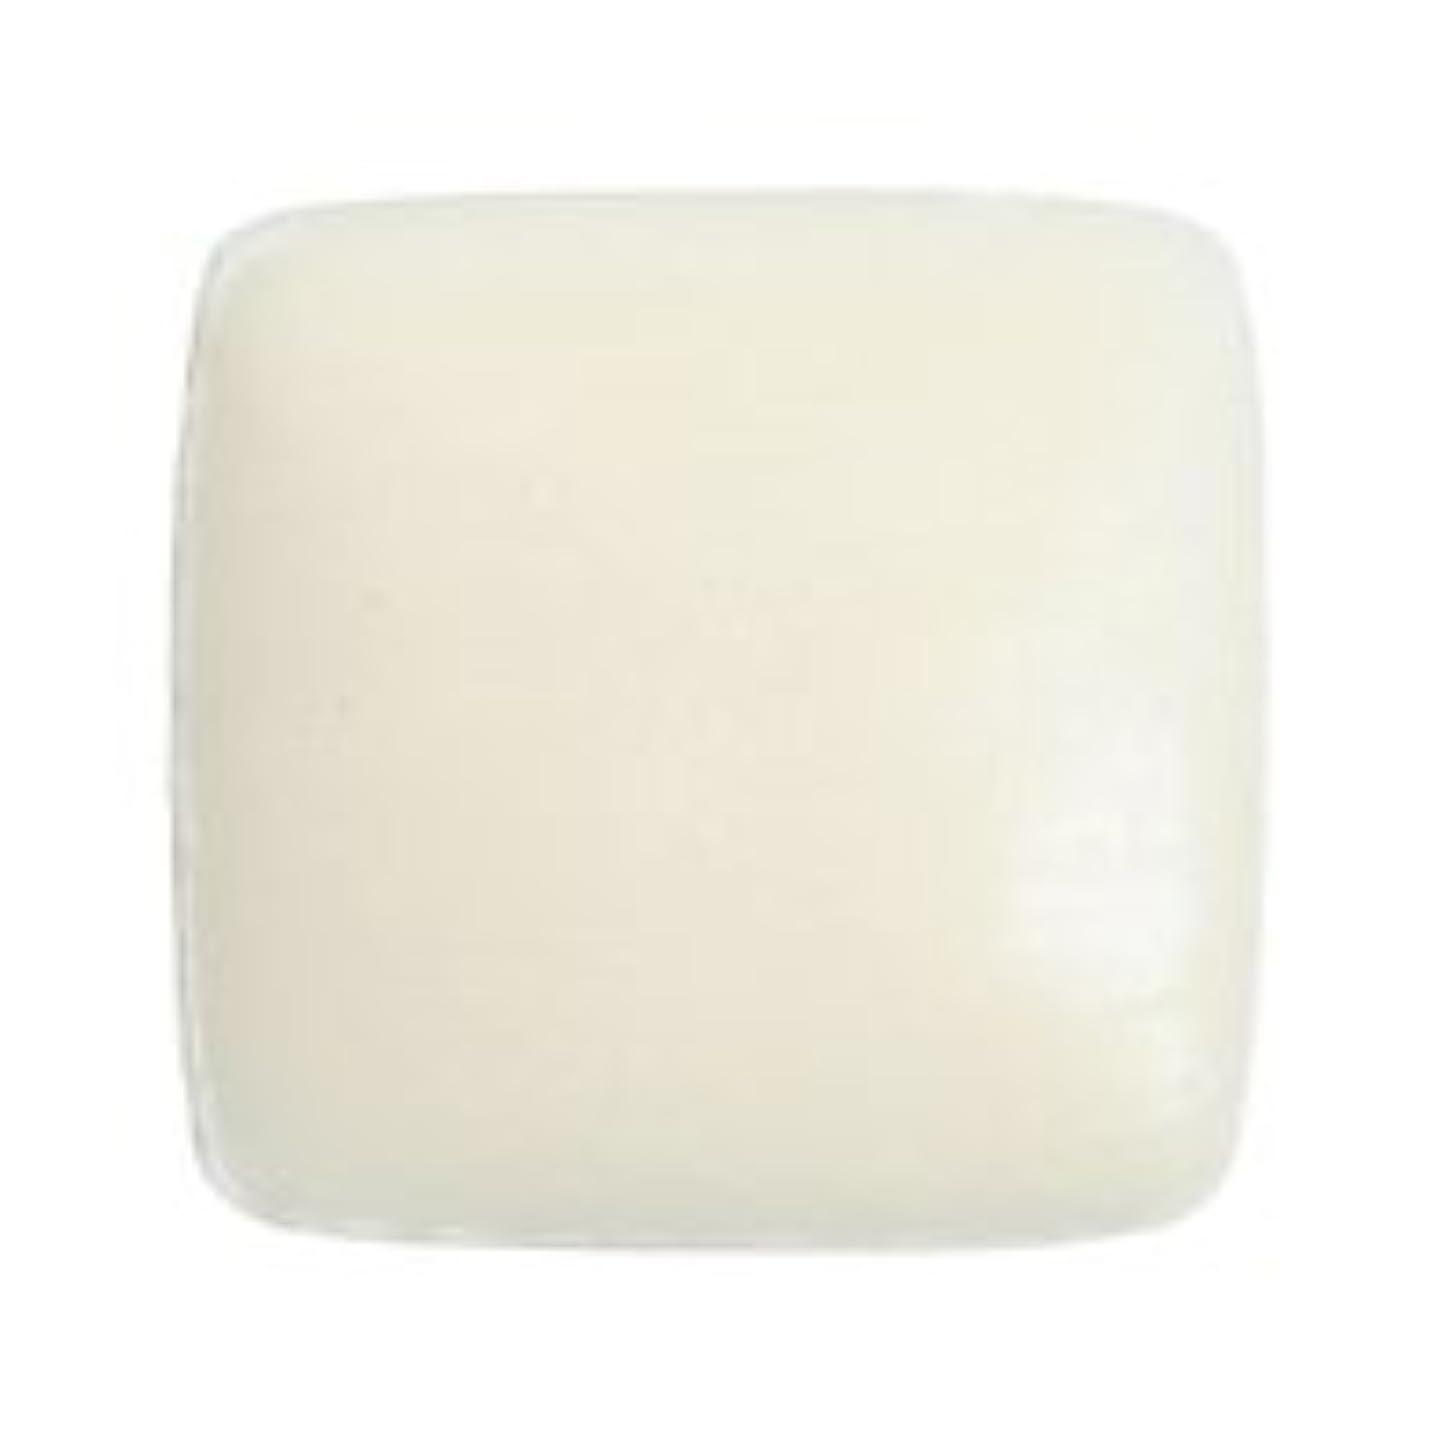 有害時間発動機ドクターY ホワイトクレイソープ80g 固形石鹸